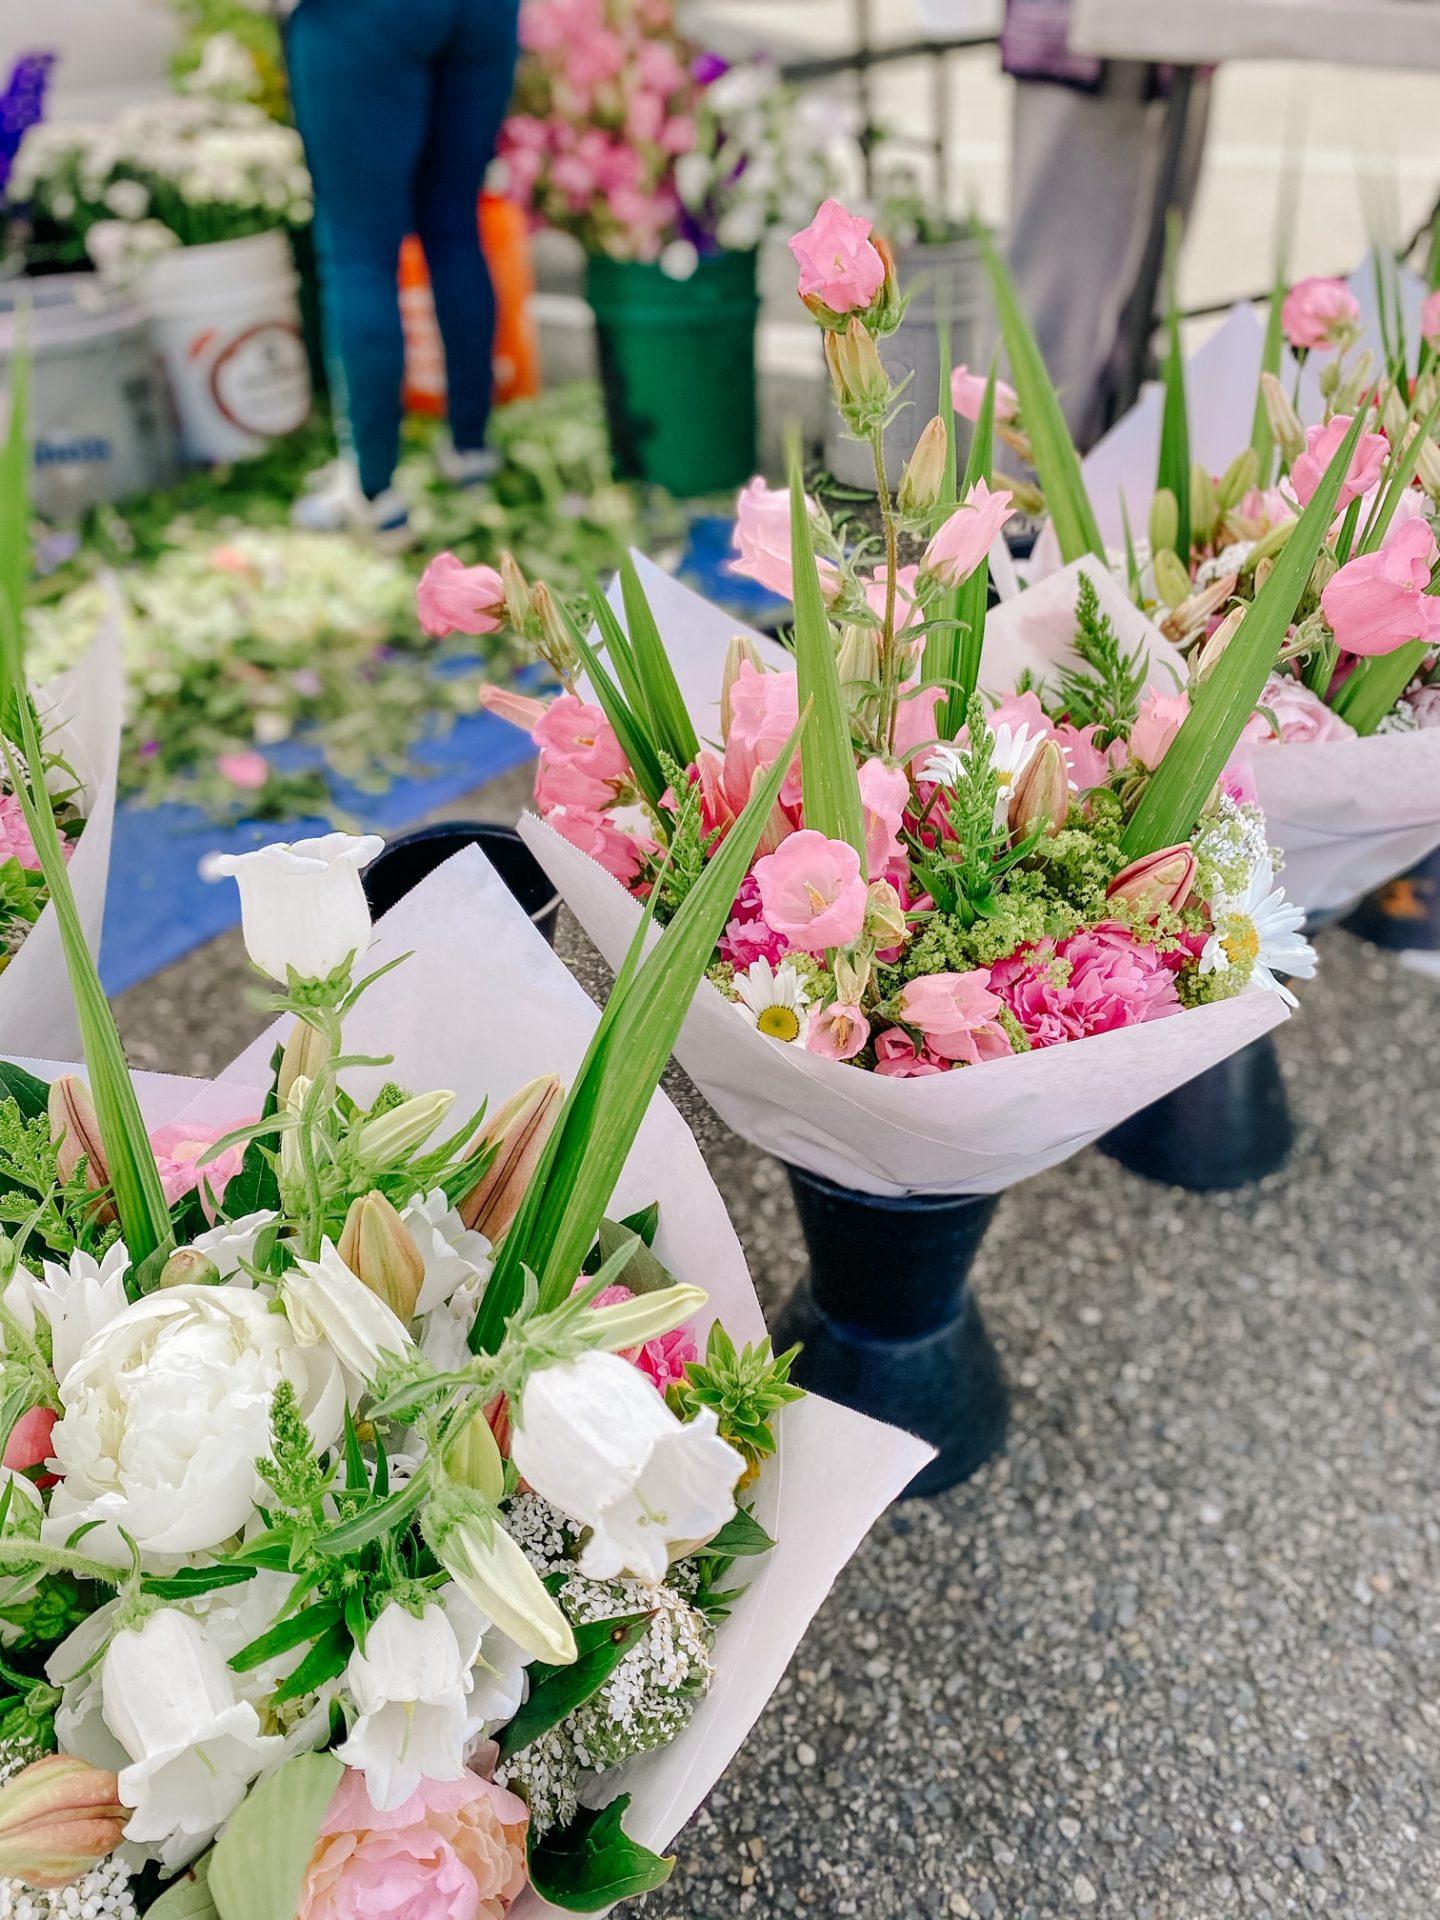 steilacoom summer farmer's market